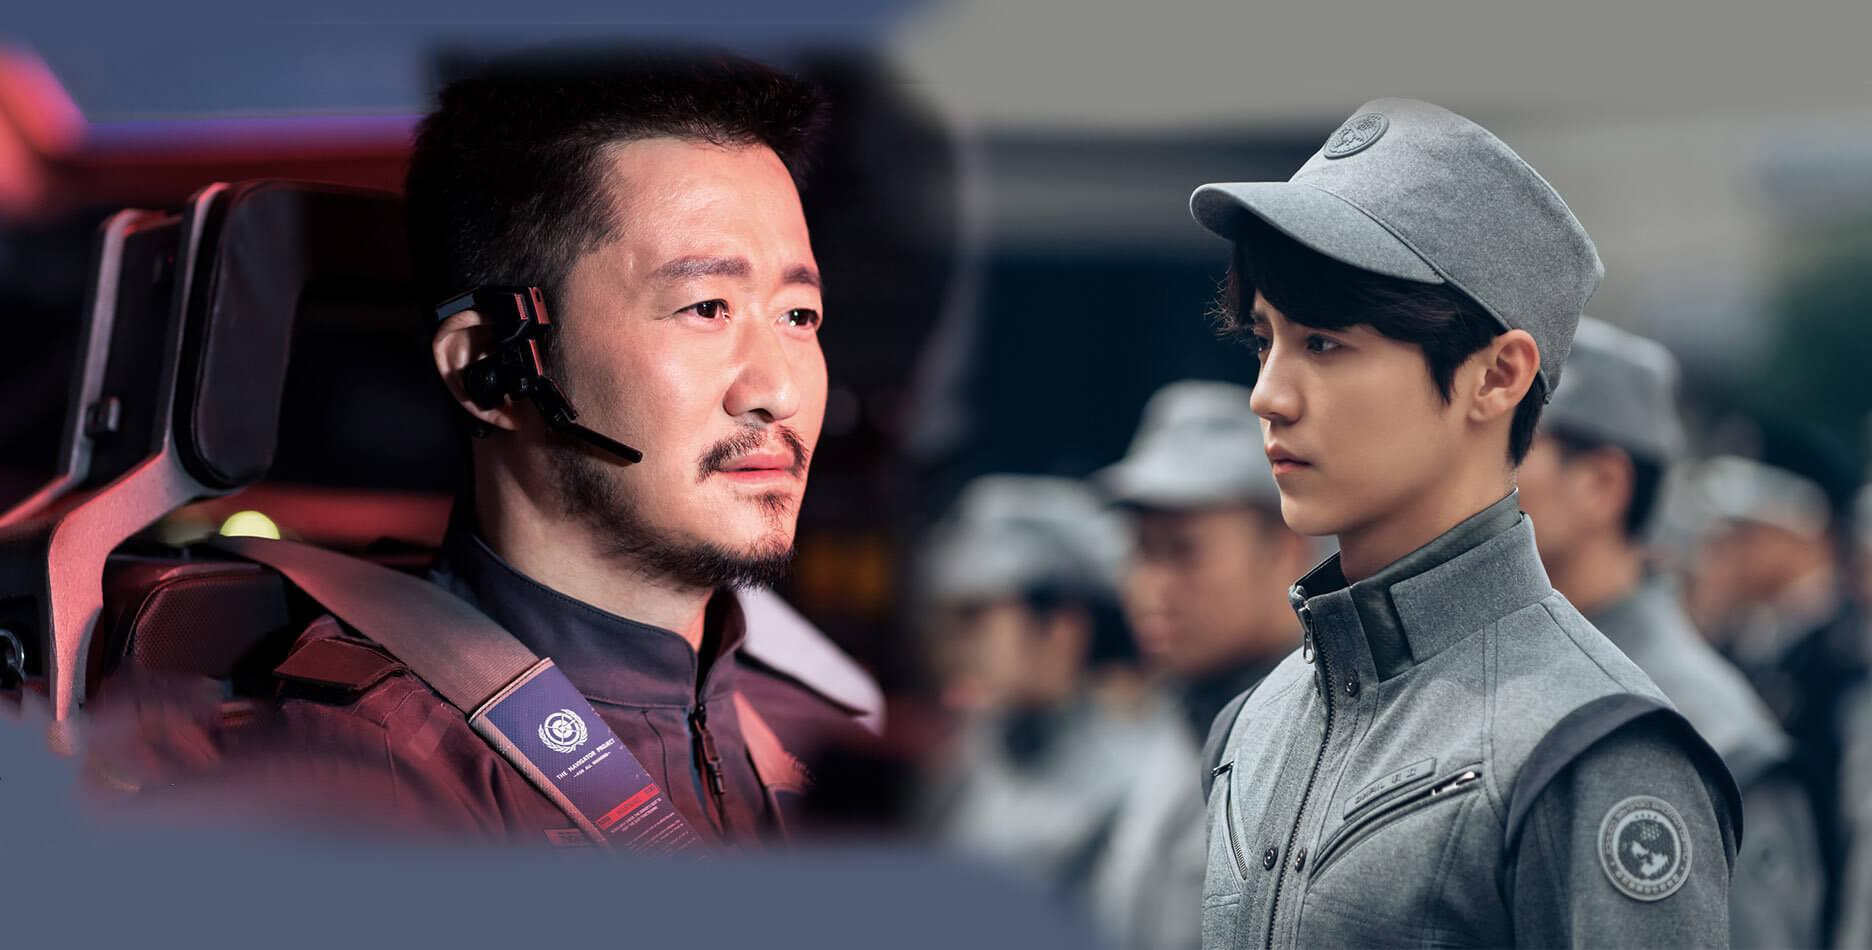 《上海堡垒》扑街,吴京却依然为它加油,中国科幻电影有多难走?